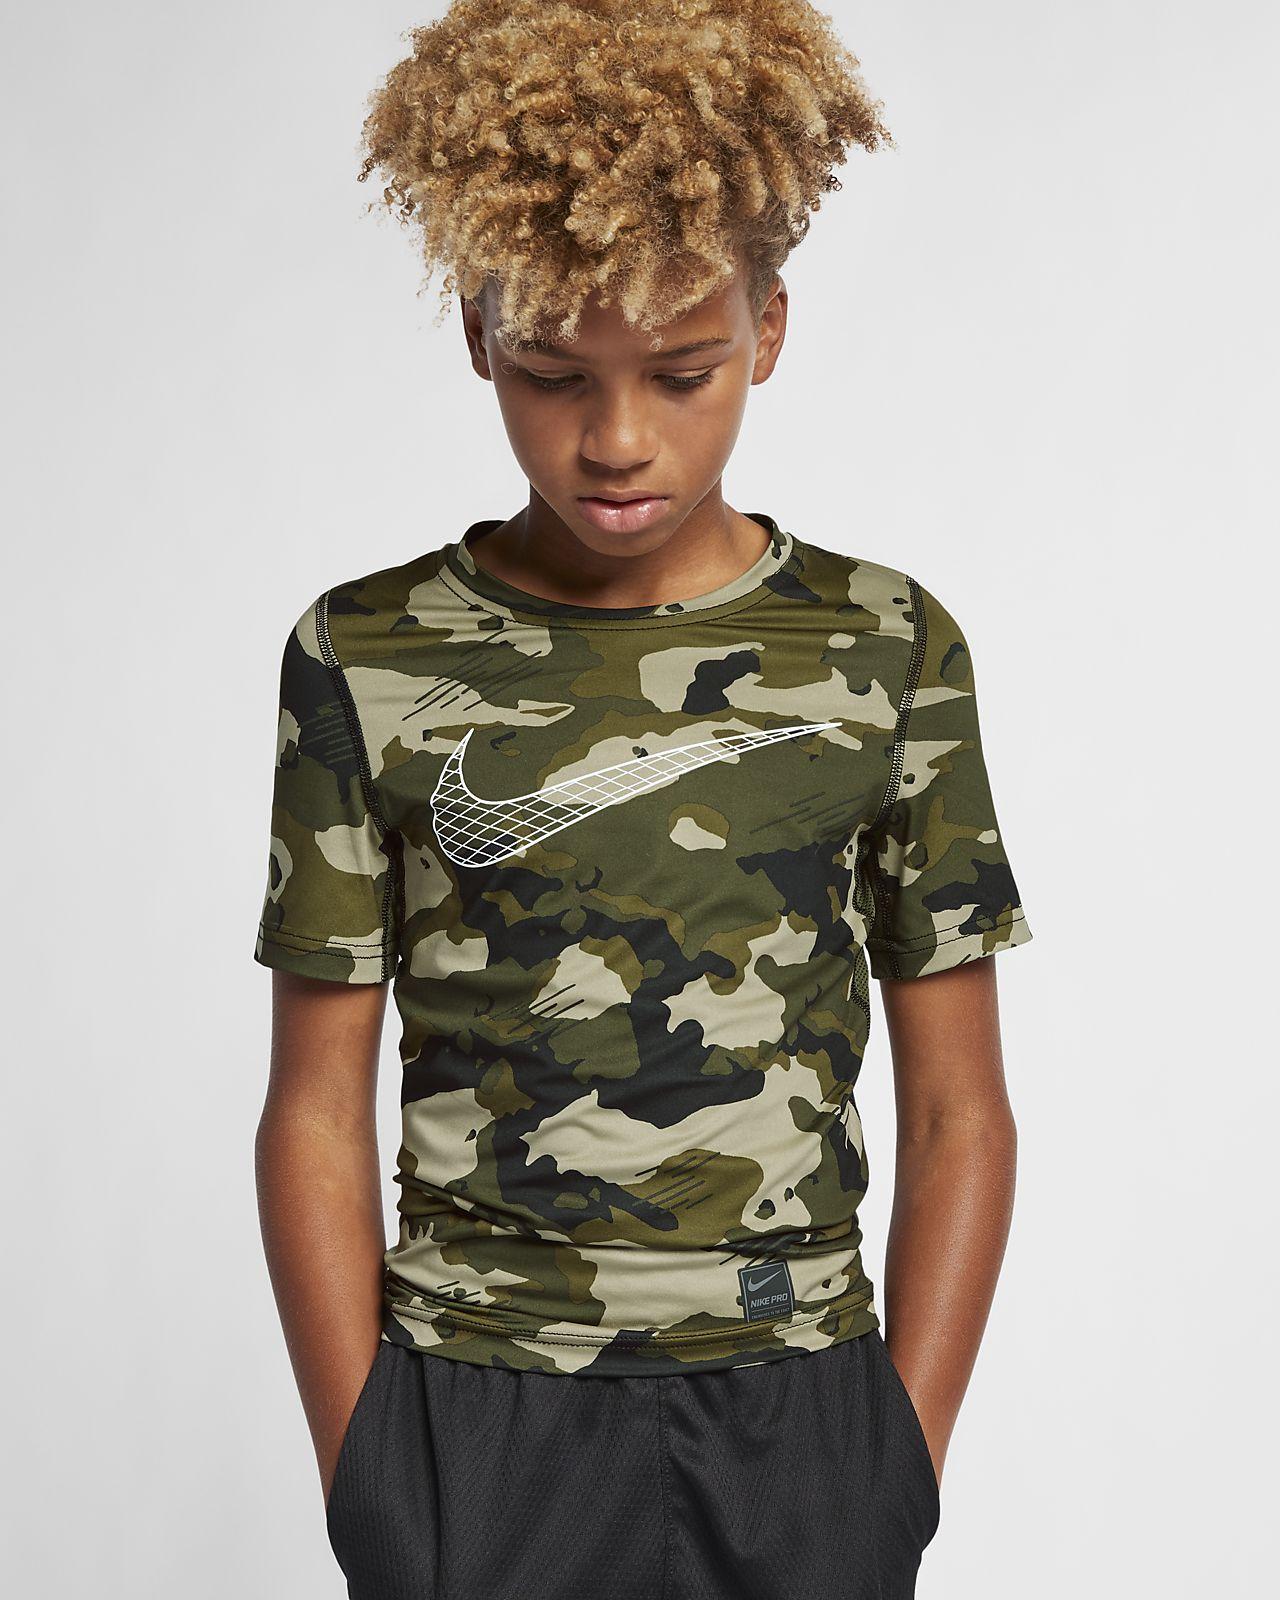 Κοντομάνικη μπλούζα με μοτίβο παραλλαγής Nike Pro για αγόρια